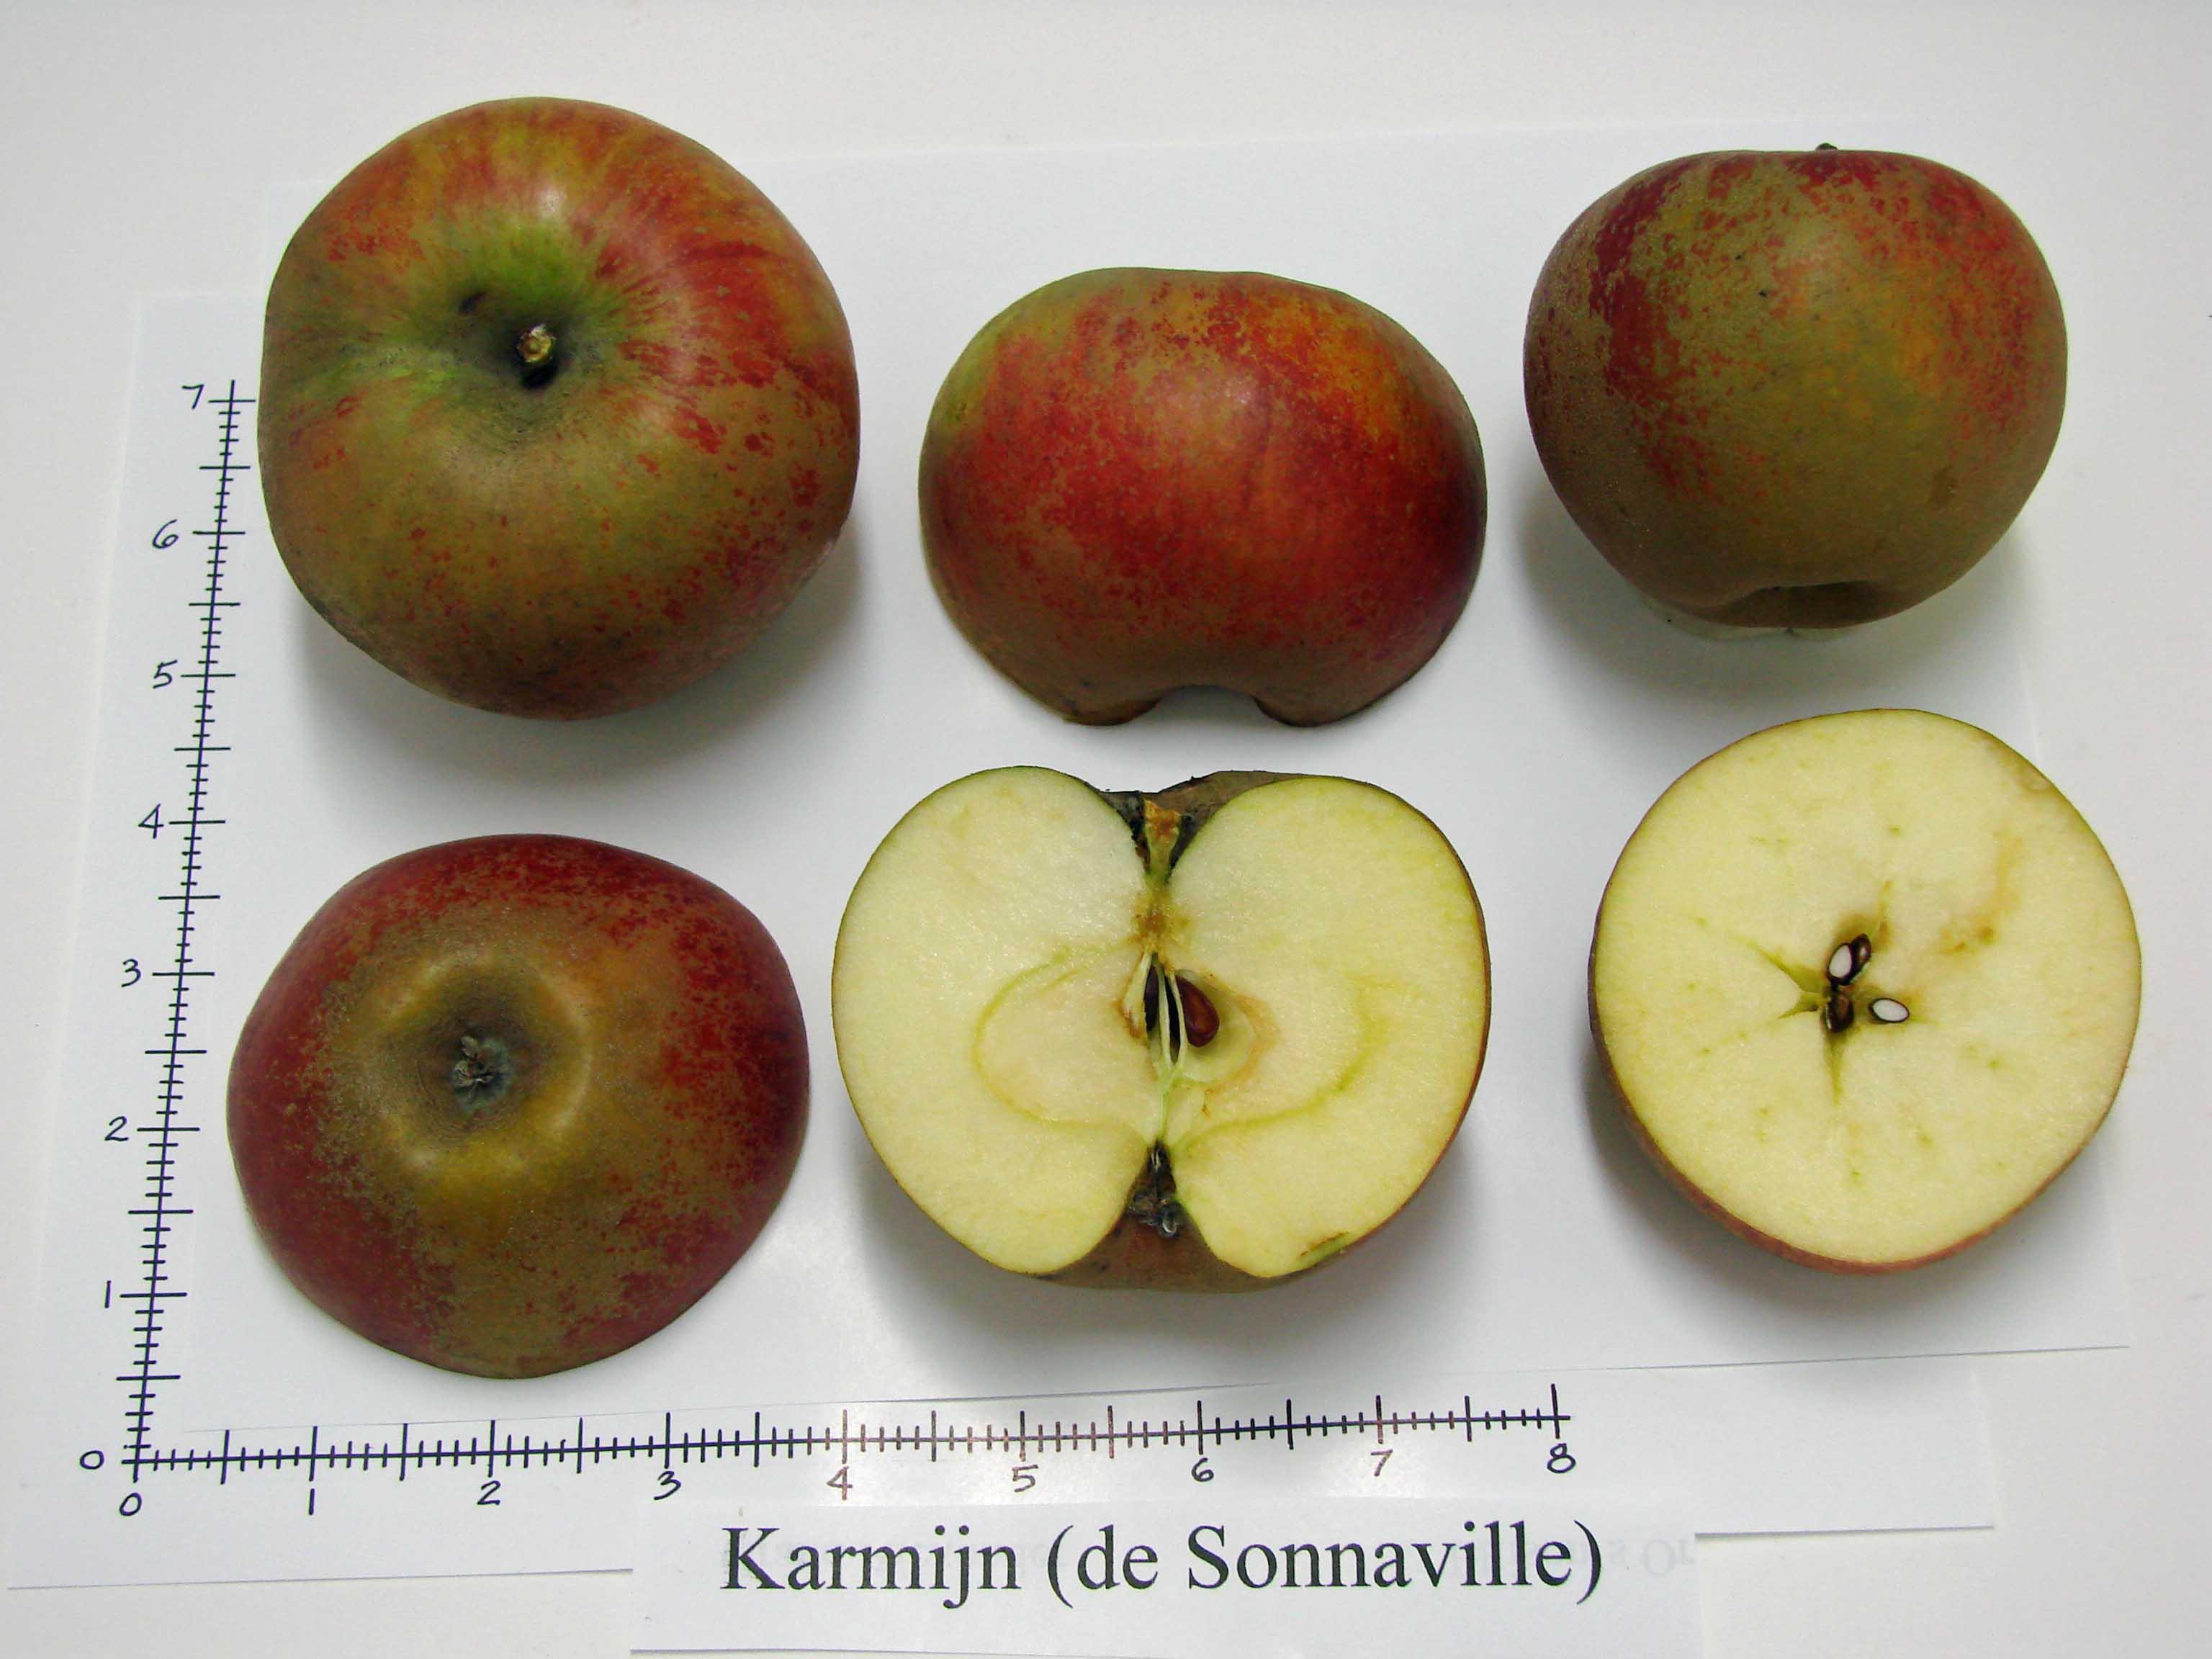 Karmijn de Sonnaville